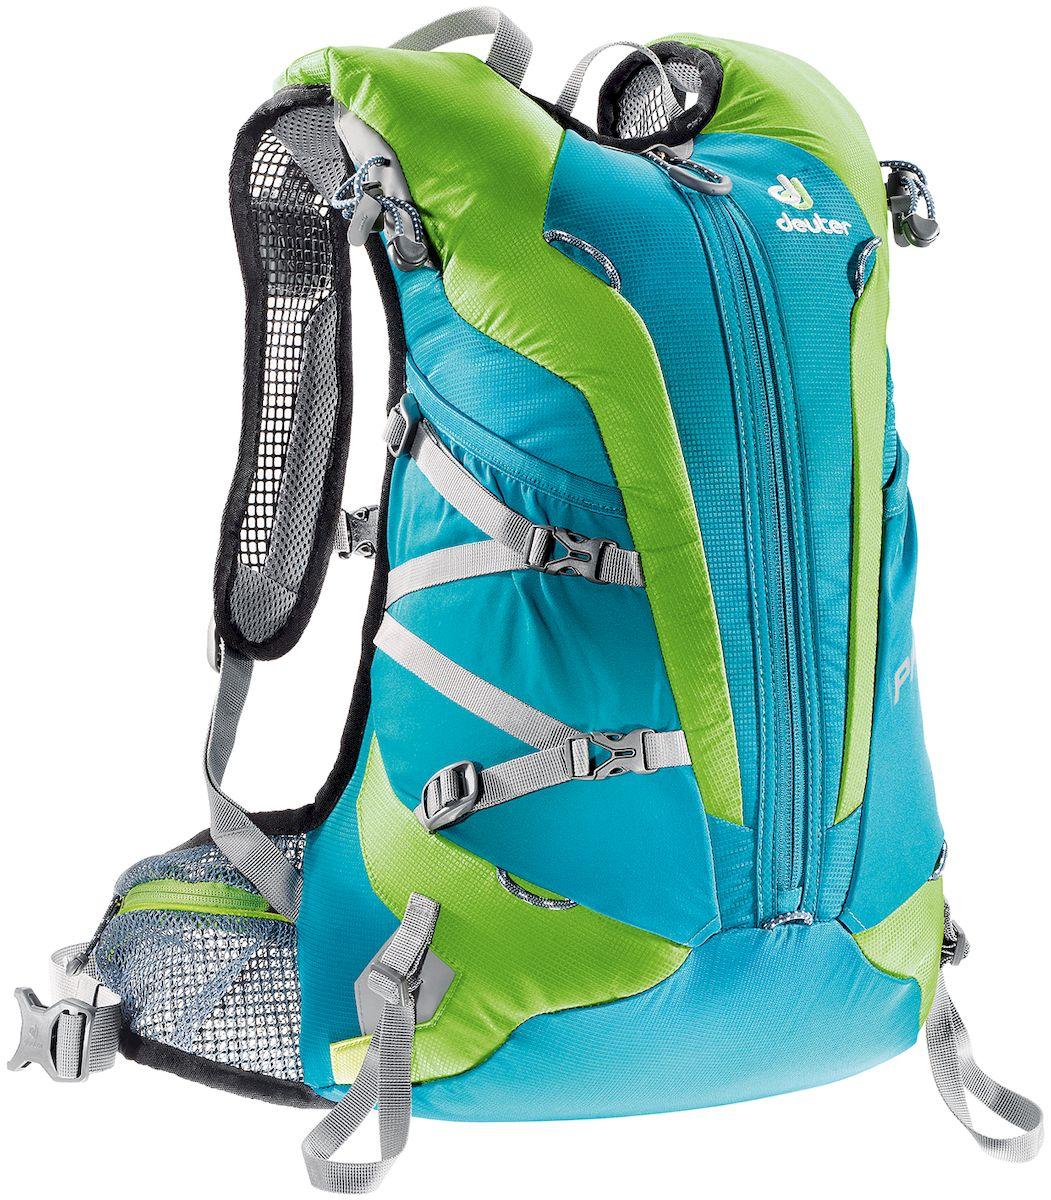 Рюкзак Deuter Pace 20 Petrol-Kiwi, цвет: салатовый, голубой, 20 л рюкзак deuter nomi 16l 2017 petrol dresscode